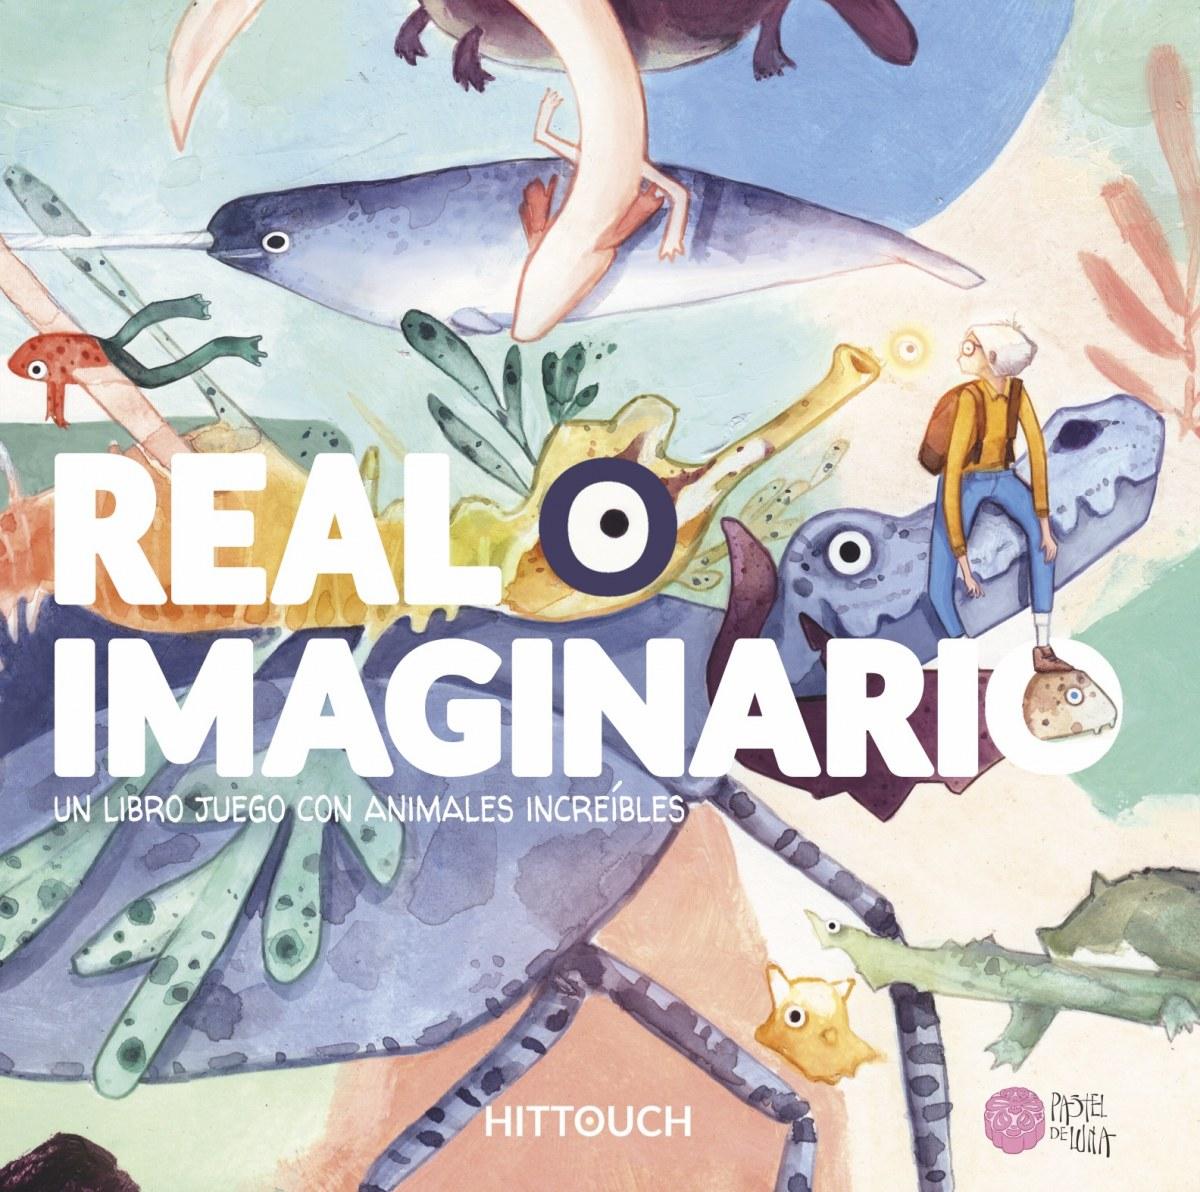 REAL O IMAGINARIO